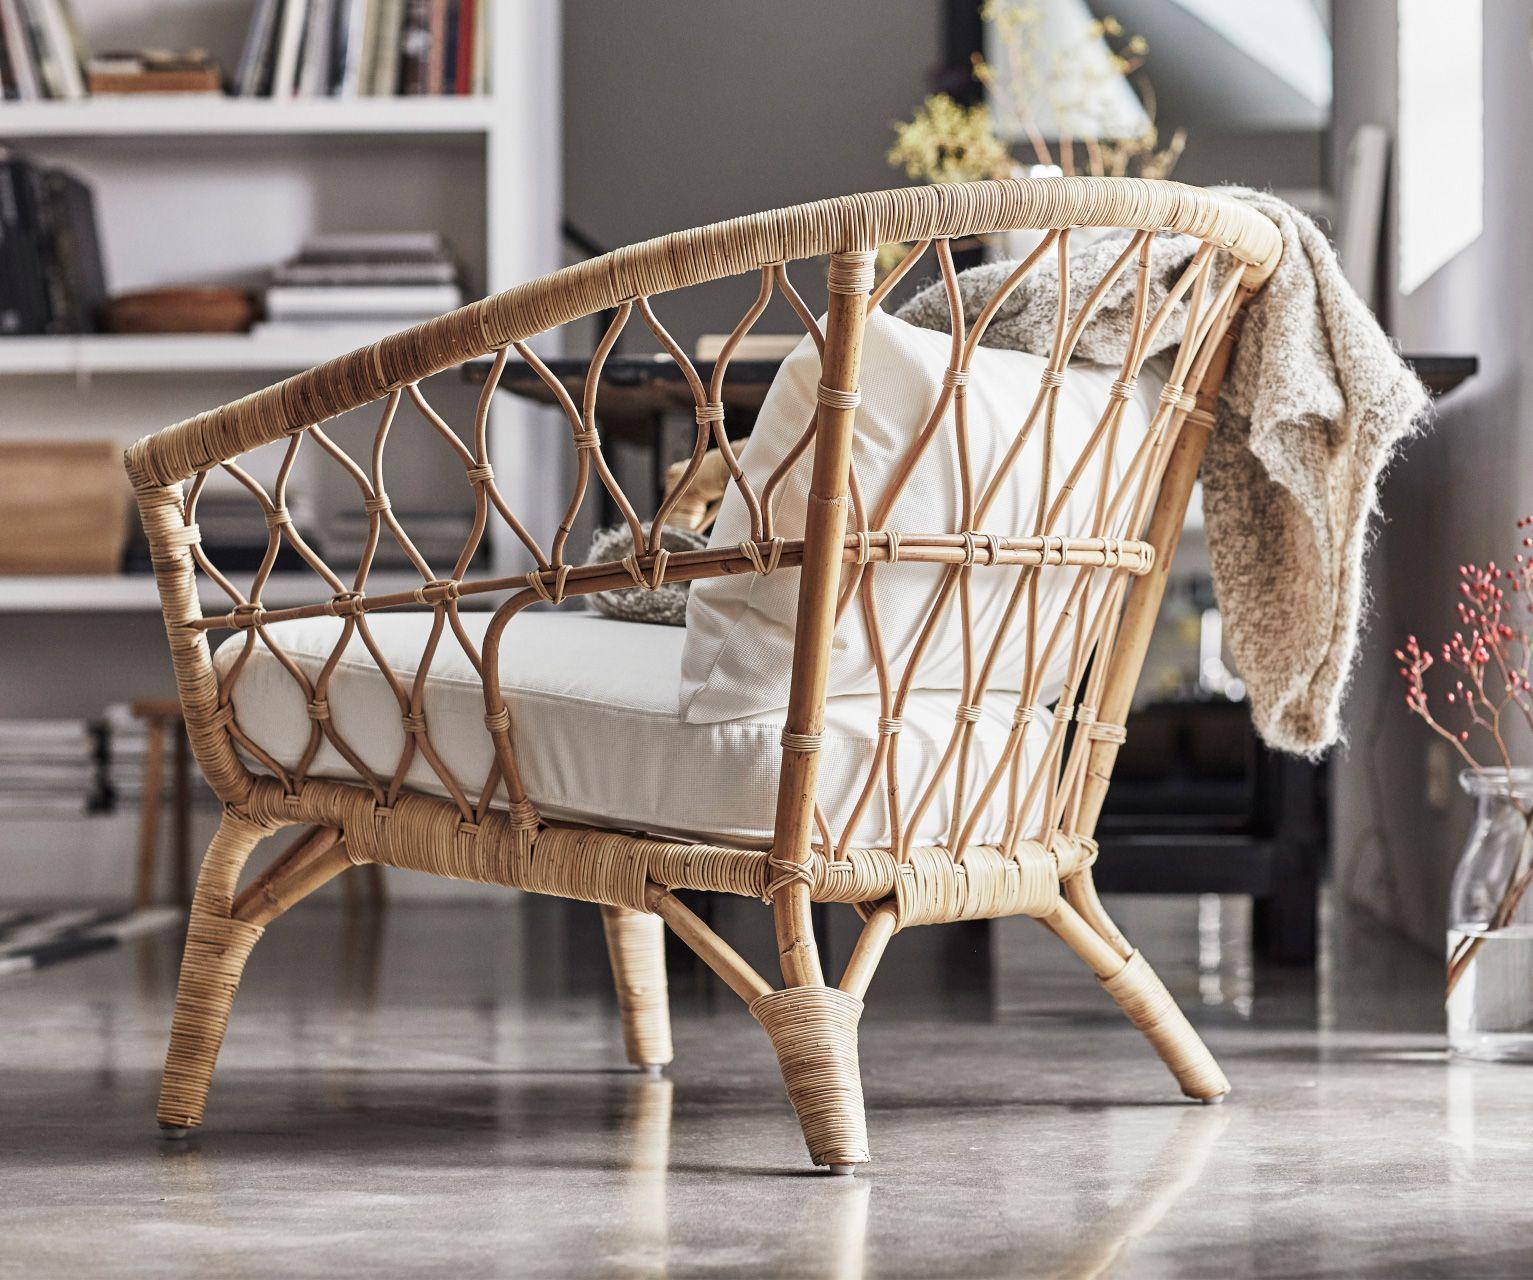 Ikea Mobili In Vimini mobili e accessori per l'arredamento della casa (con